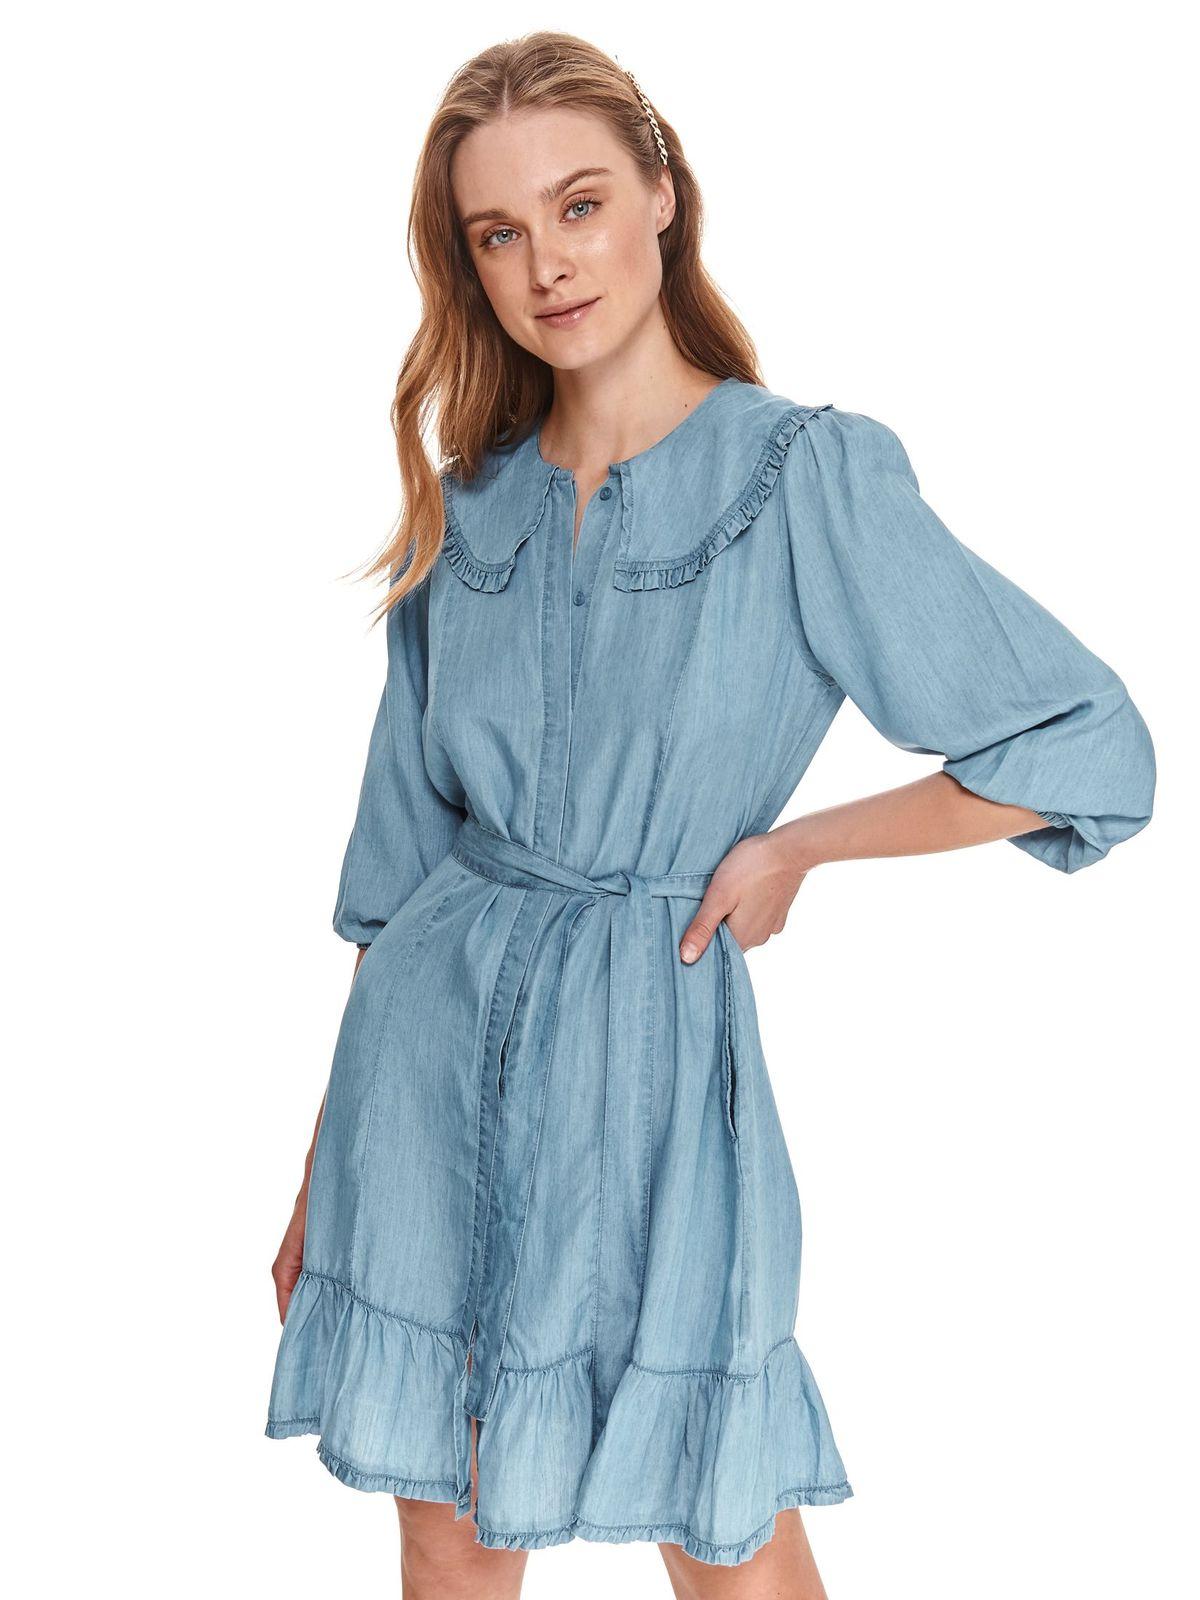 Rochie Top Secret albastru-deschis scurta subtire de blugi cu croi drept si volanase